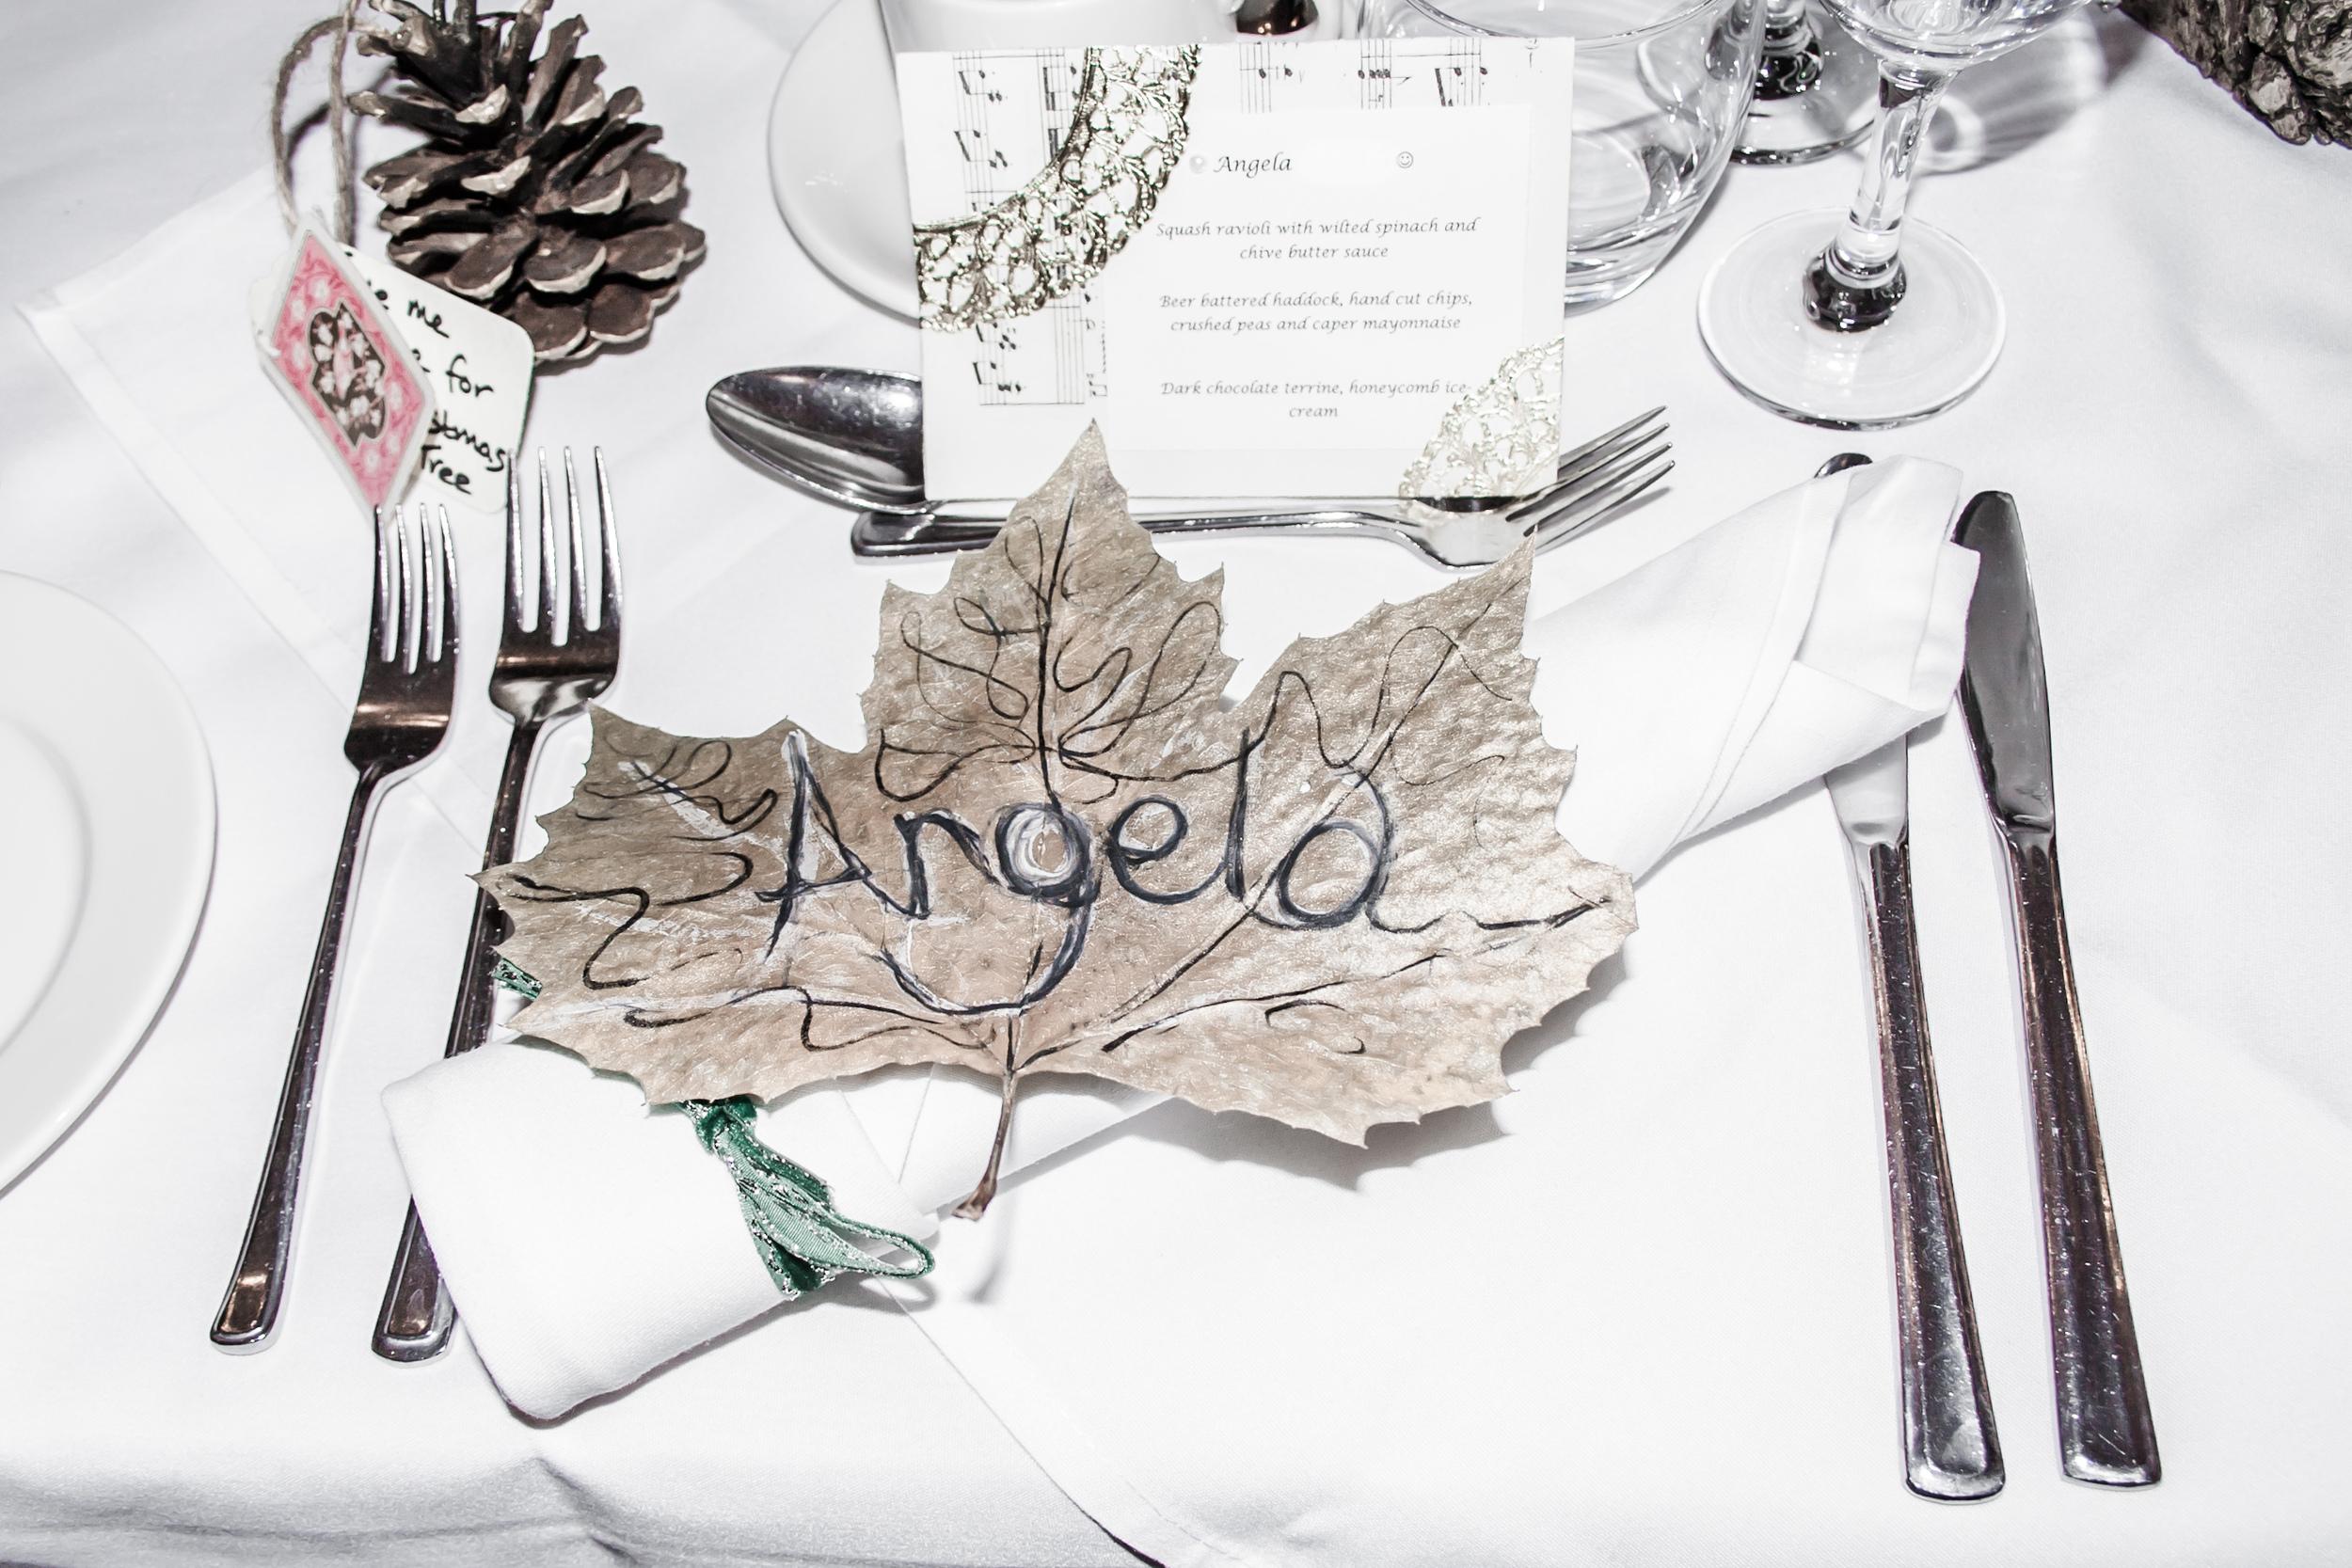 201 - Angela and Karls Wedding by www.markpugh.com -2205.jpg